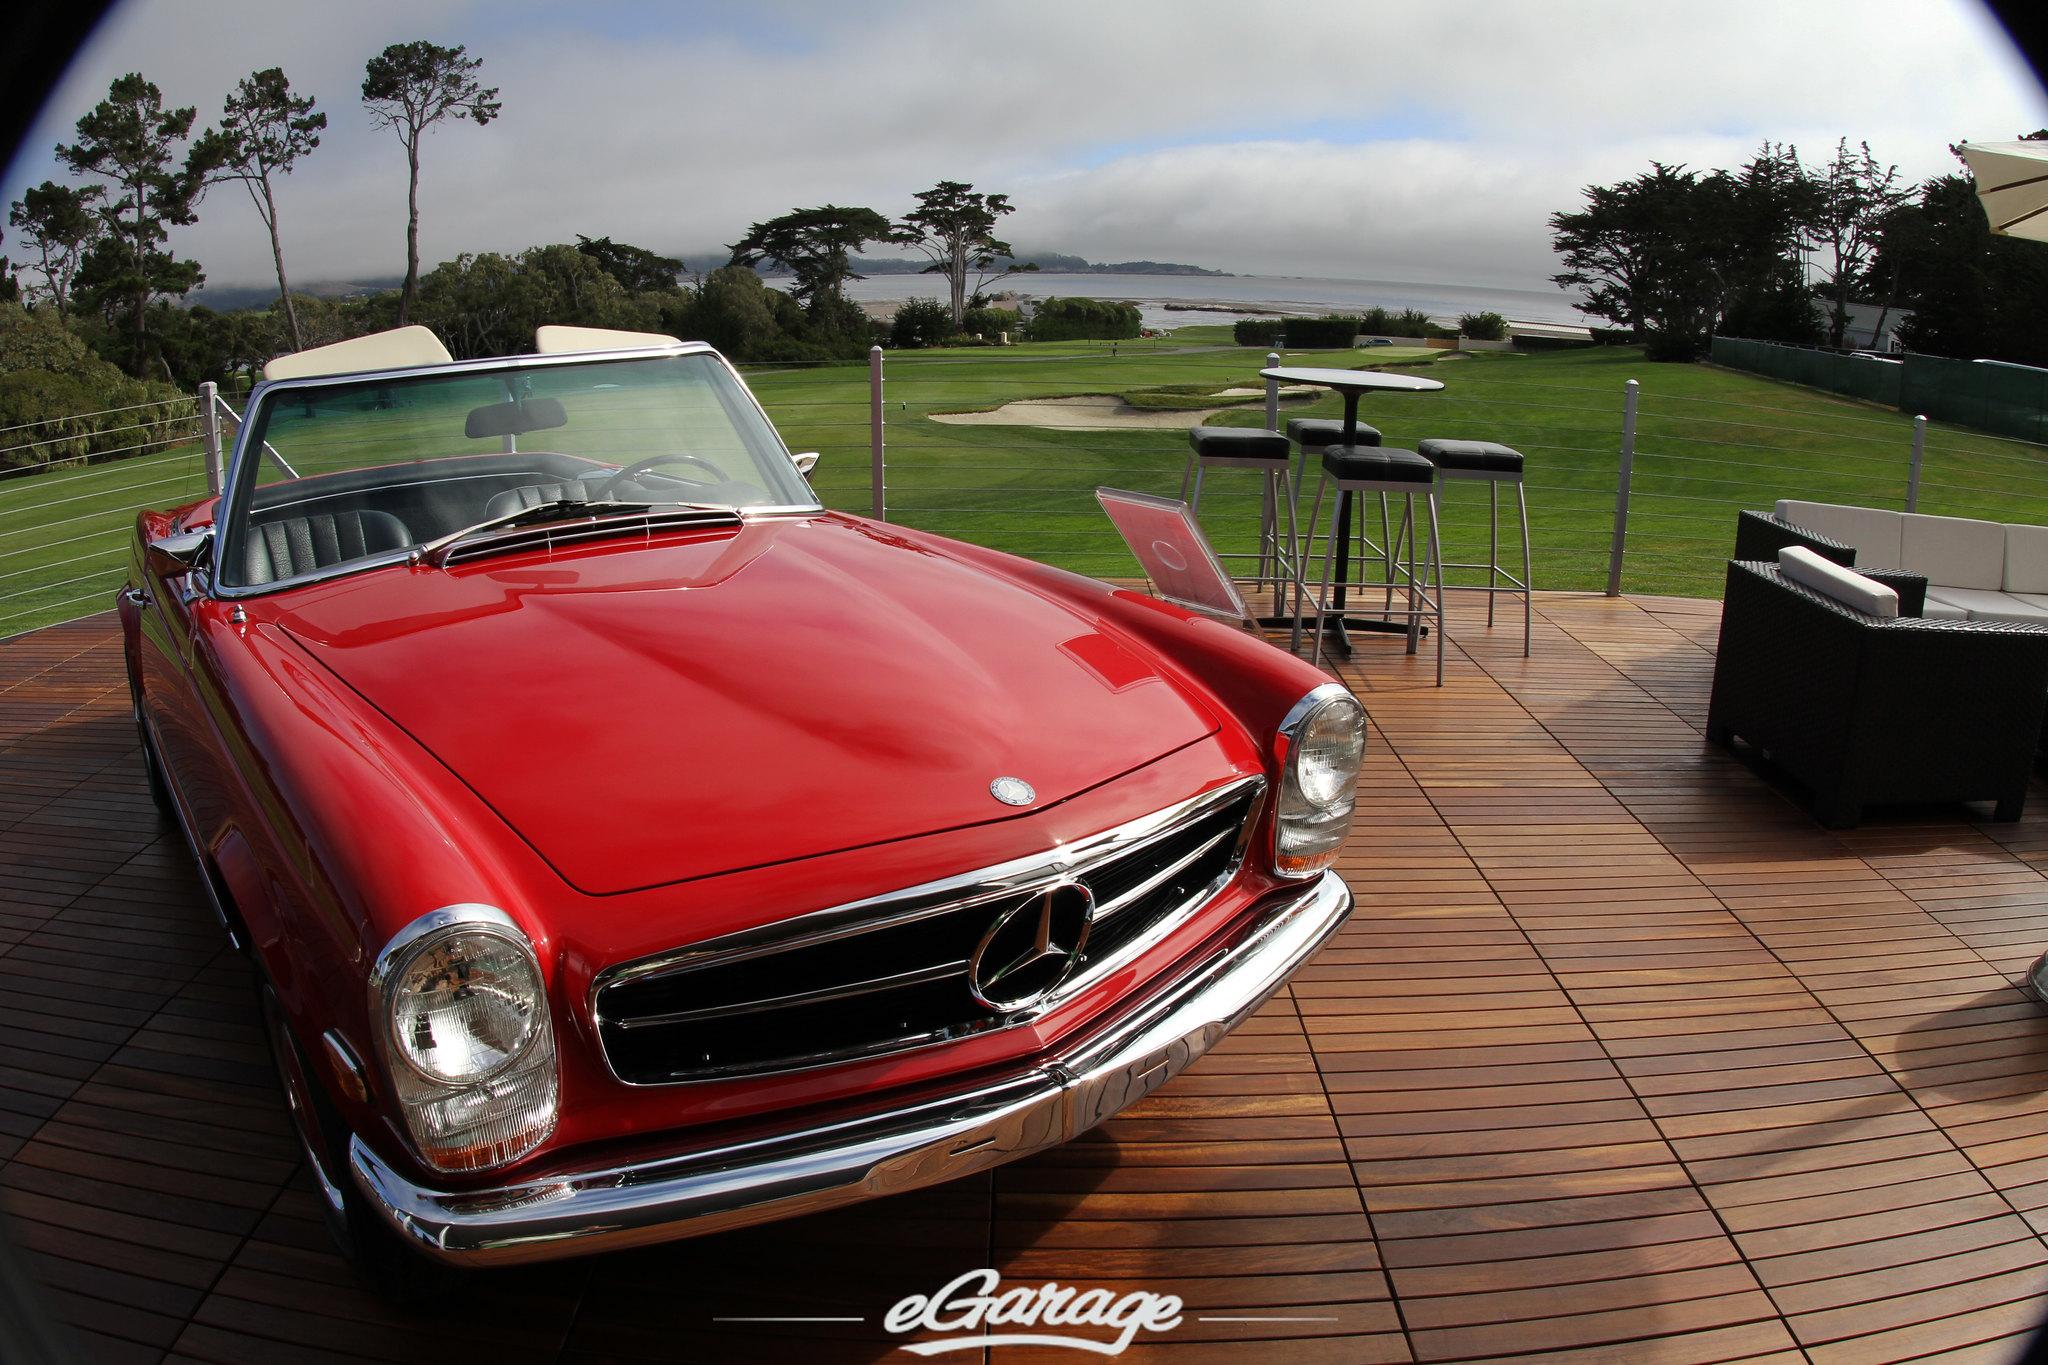 7828733788 cbcf23e101 k Mercedes Benz Classic